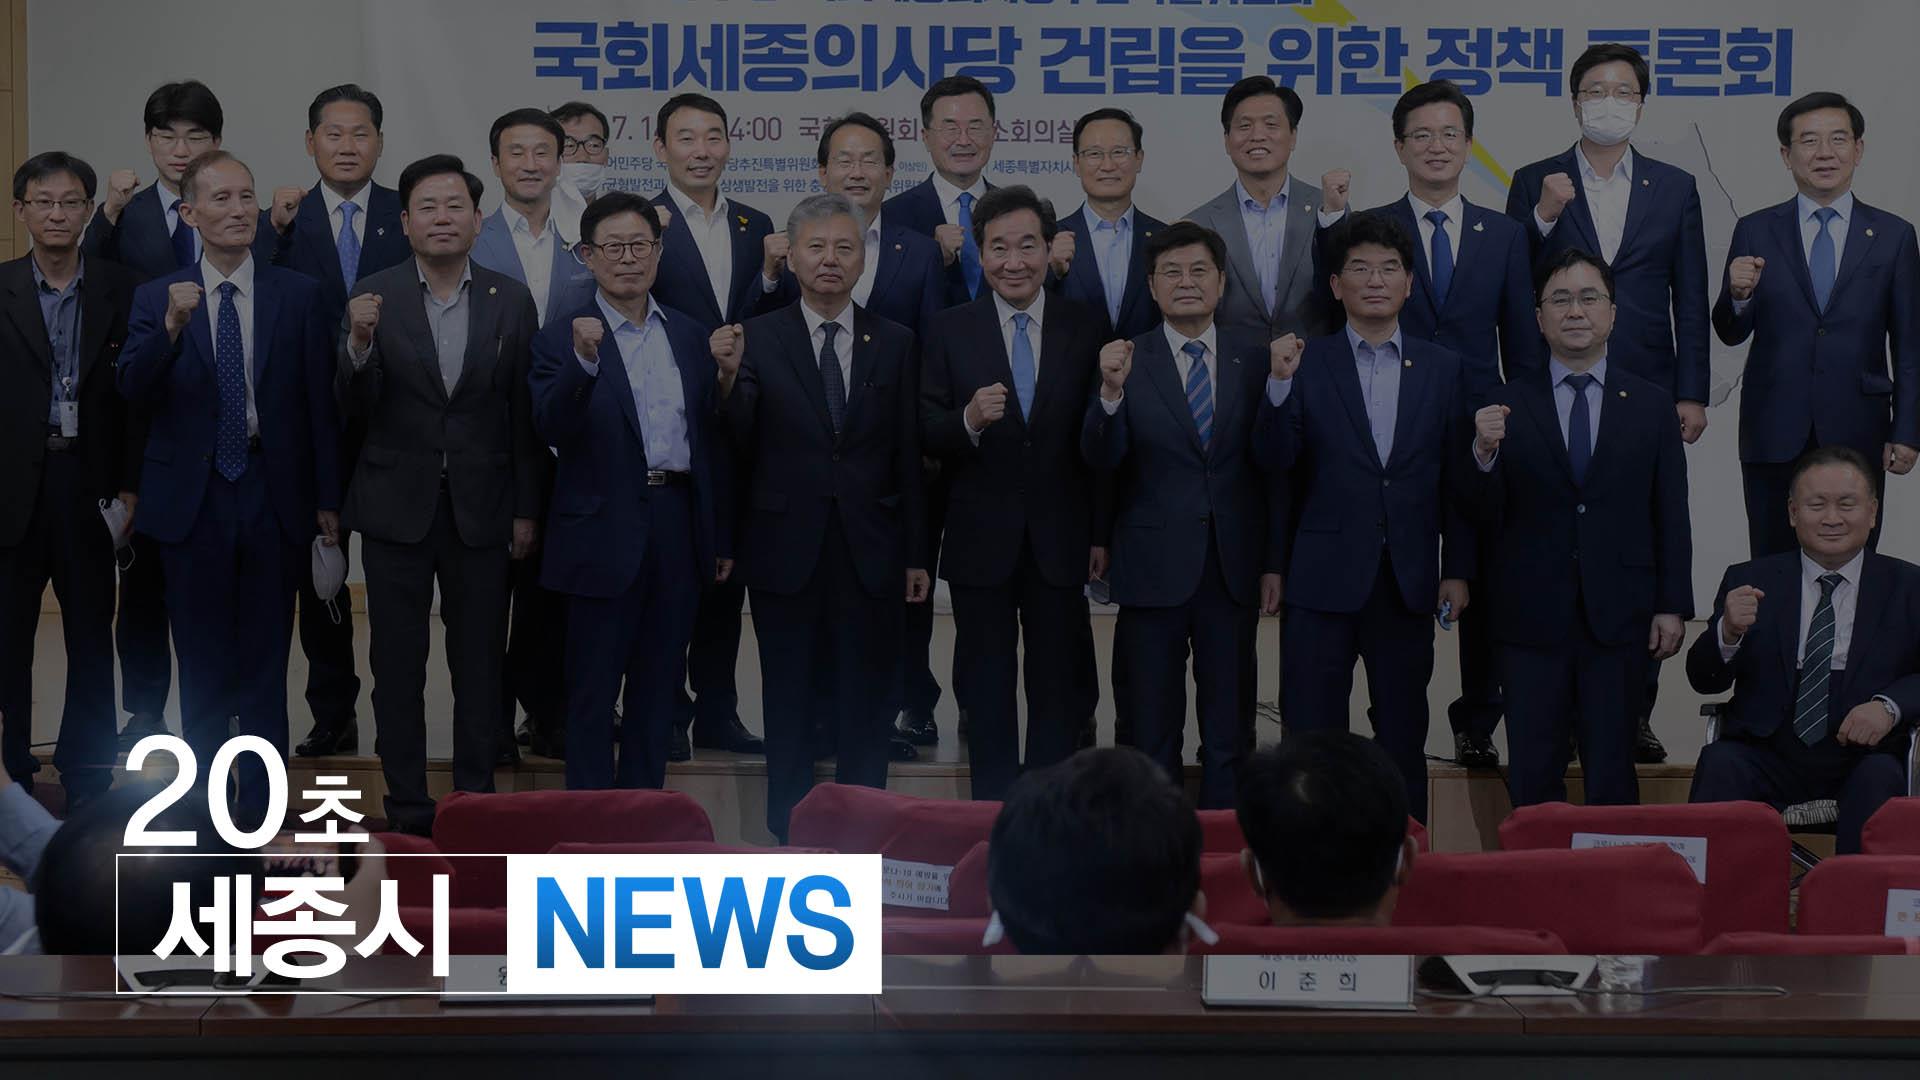 <20초뉴스> 국회 세종의사당 건립을 위한 정책토론회 열려